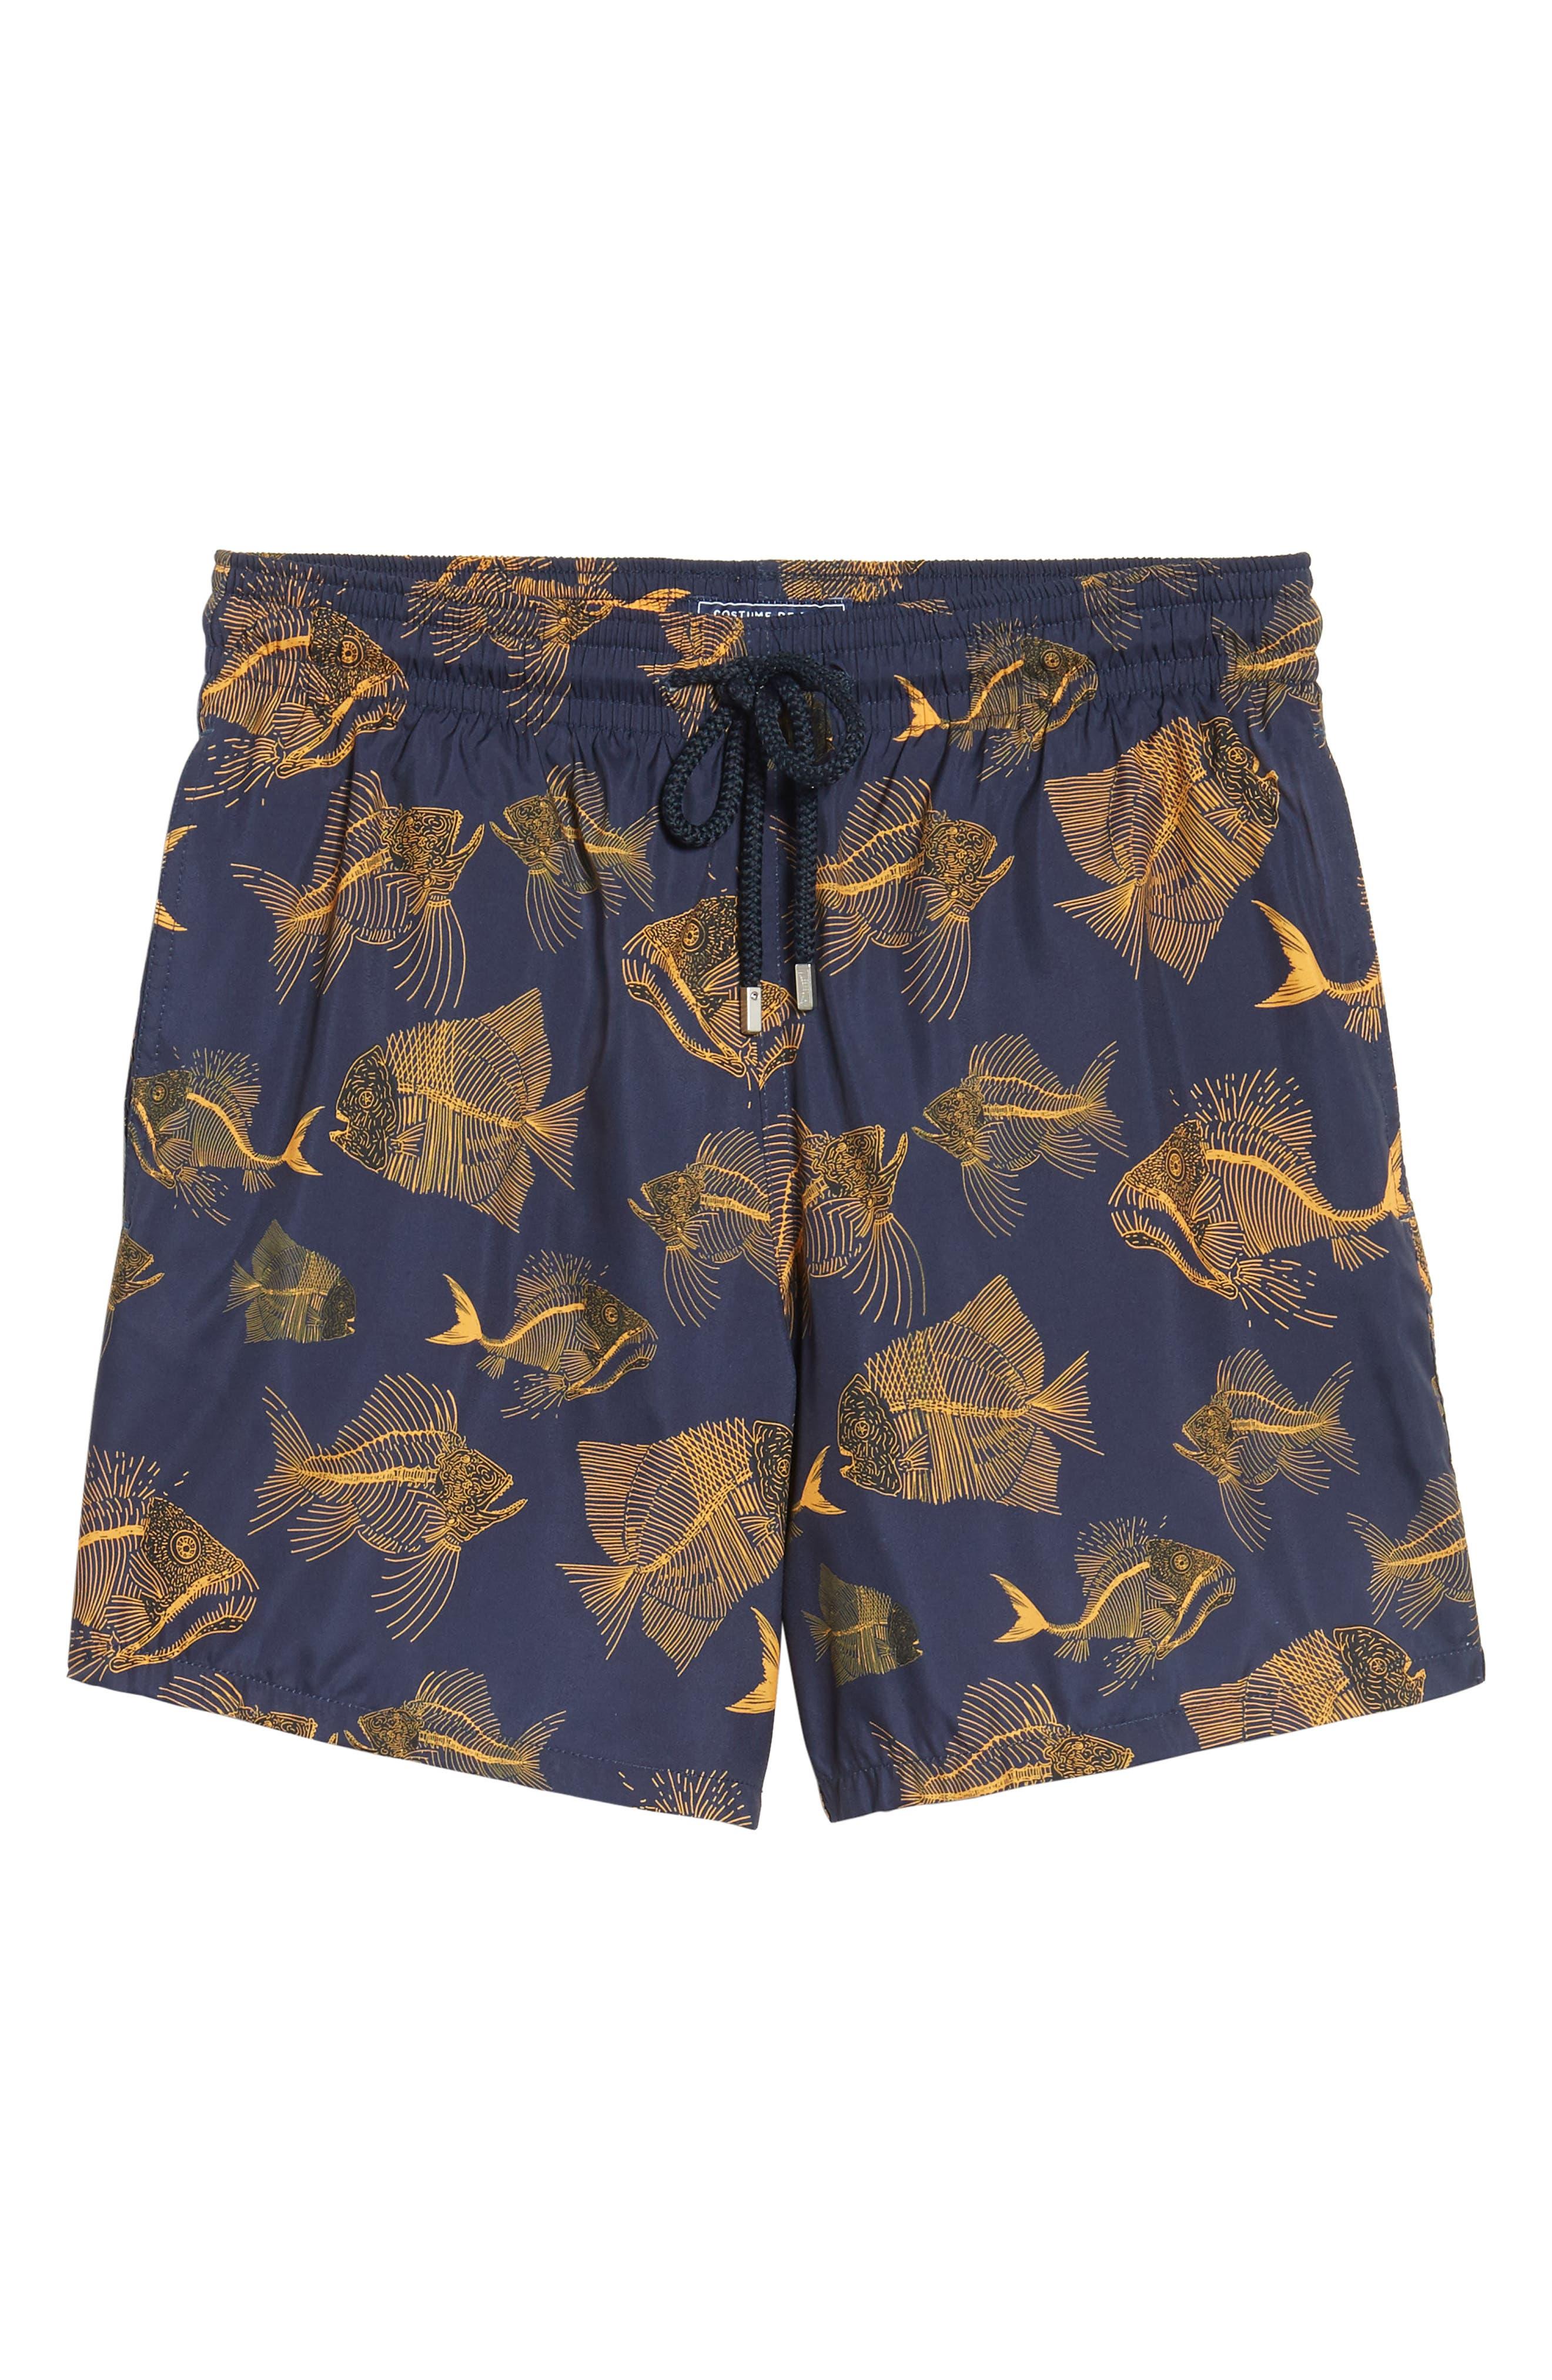 Prehistoric Fish Swim Trunks,                             Alternate thumbnail 6, color,                             Navy